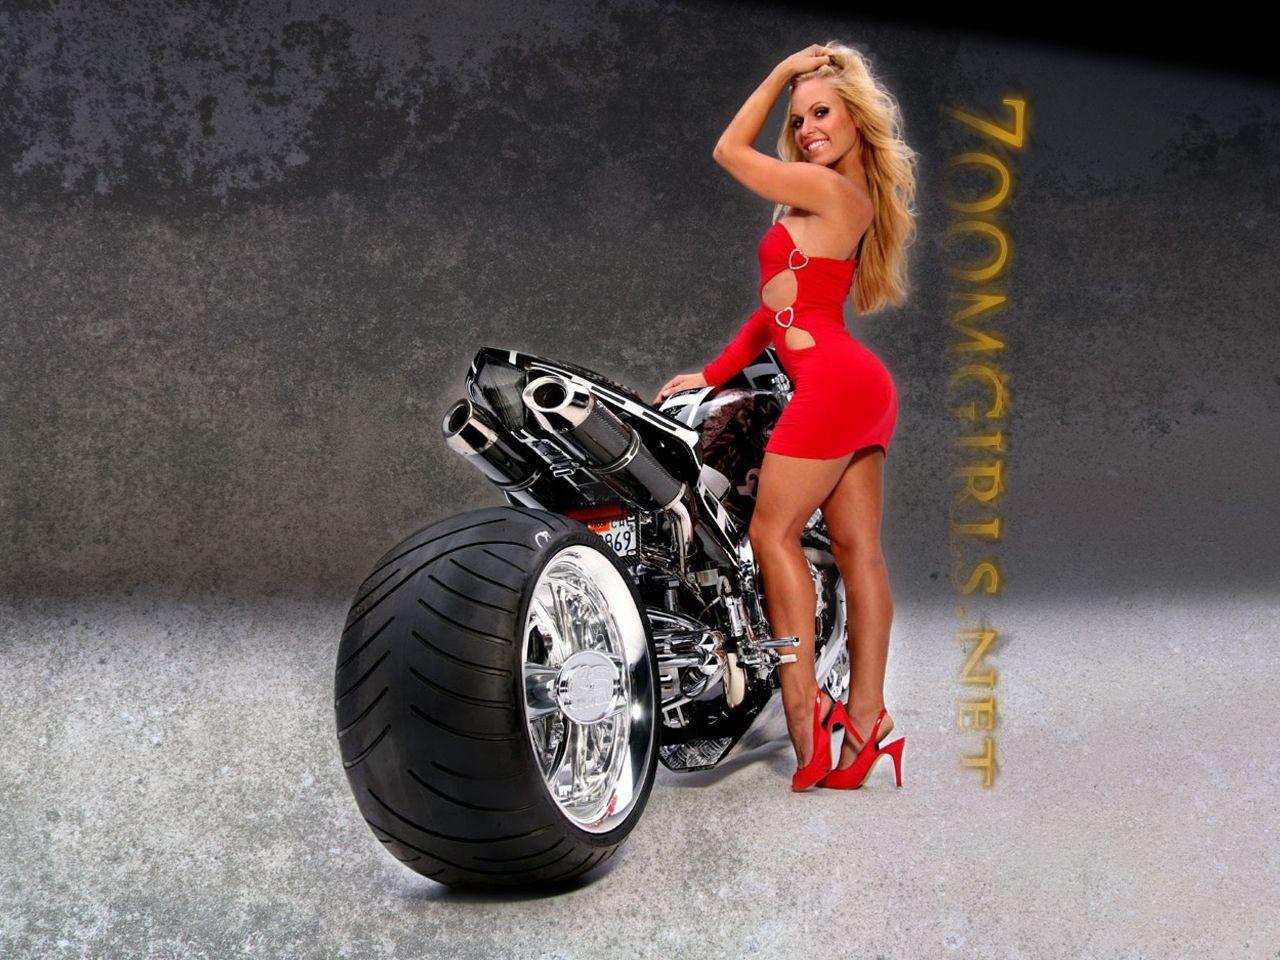 Girls on Motorcycles Wallpapers - WallpaperSafari